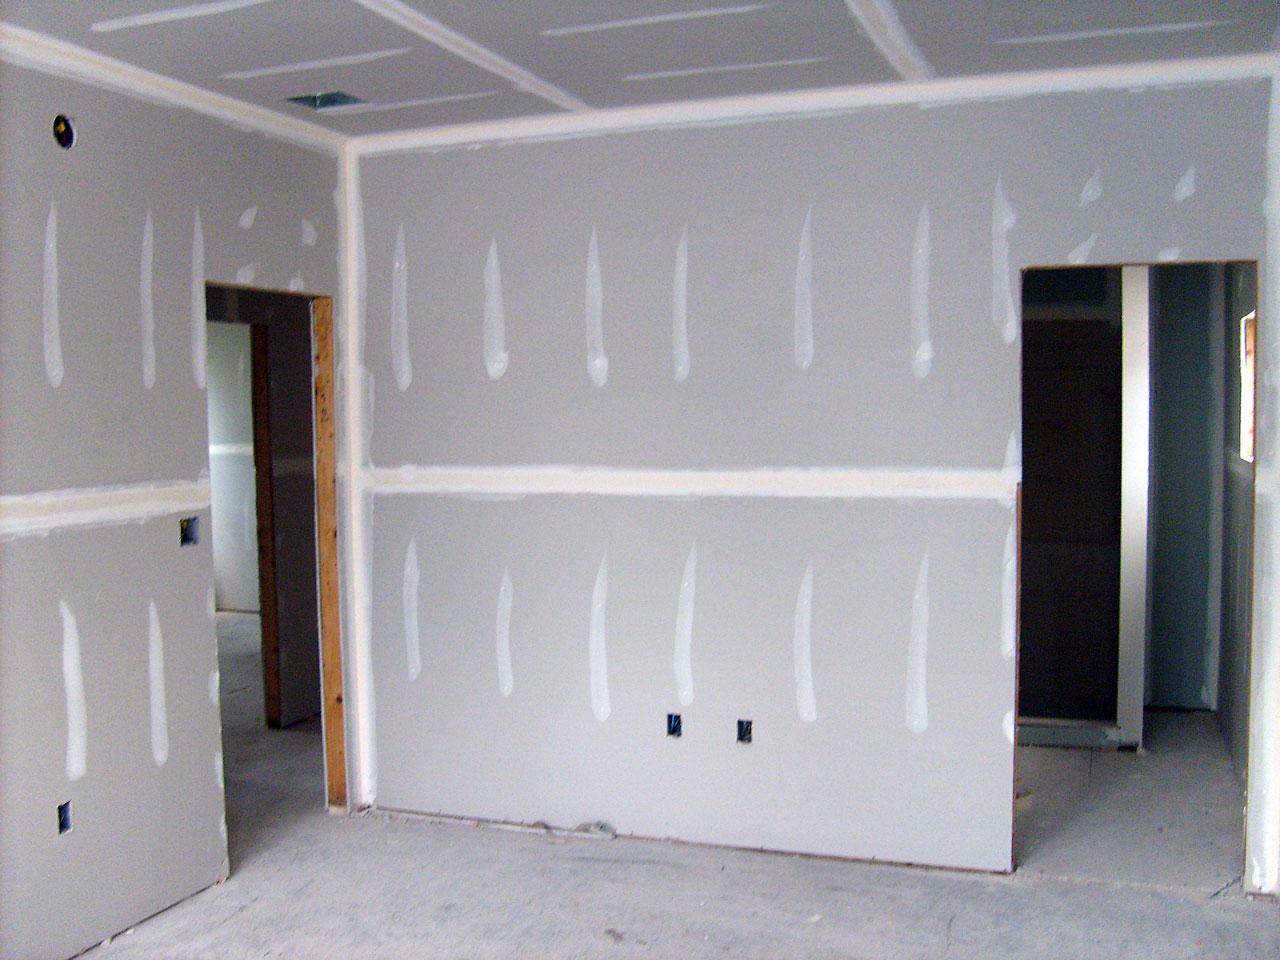 Pembangunan dinding rumah yang menggunakan gypsum rumah lebih mudah untuk dibentuk. (Foto: intekclean.com)